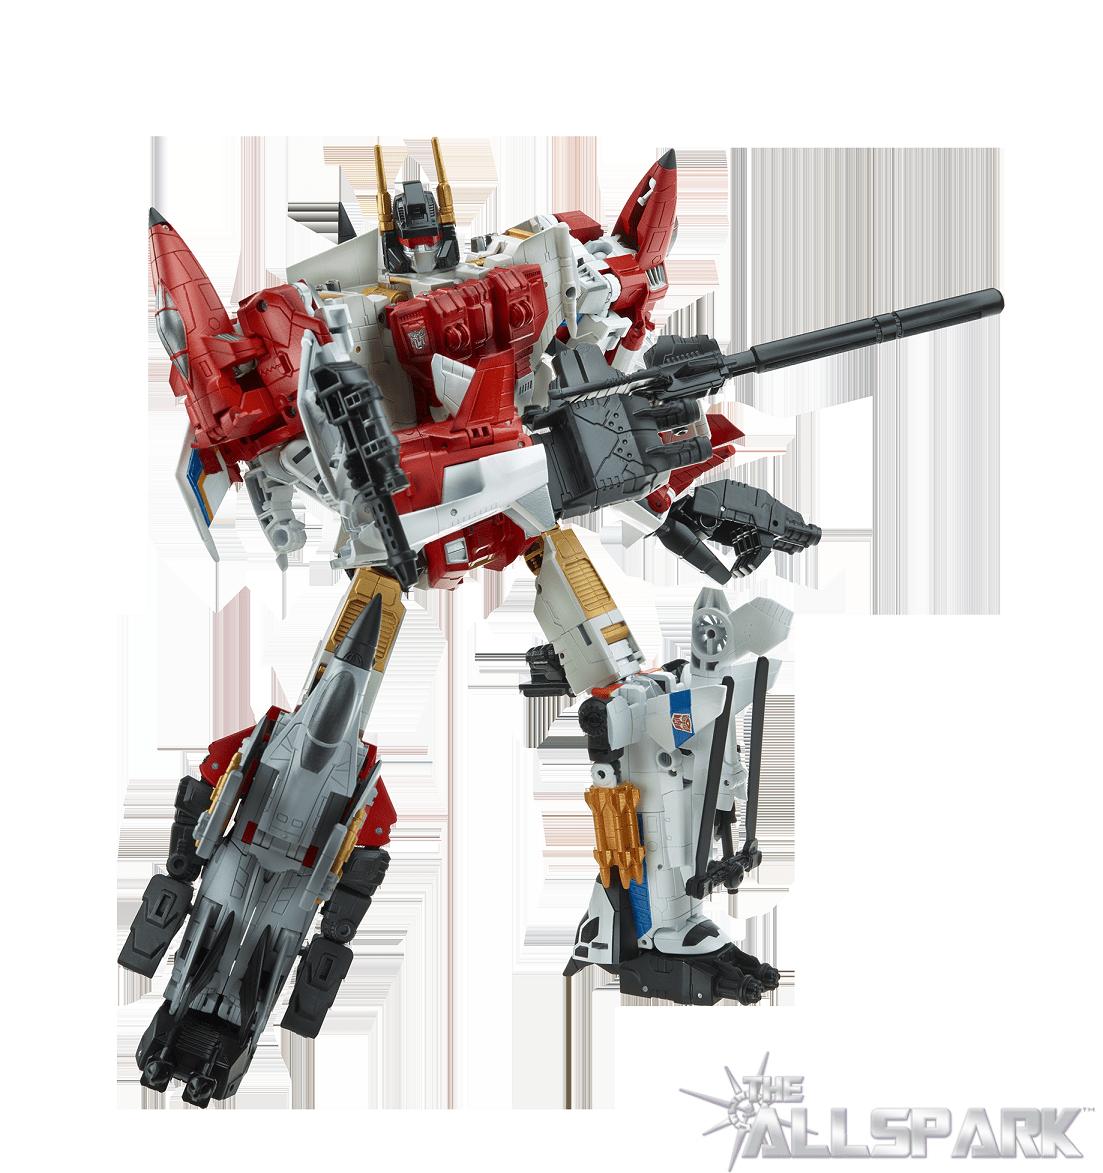 Jouets Transformers Generations: Nouveautés Hasbro - partie 2 - Page 6 Superion